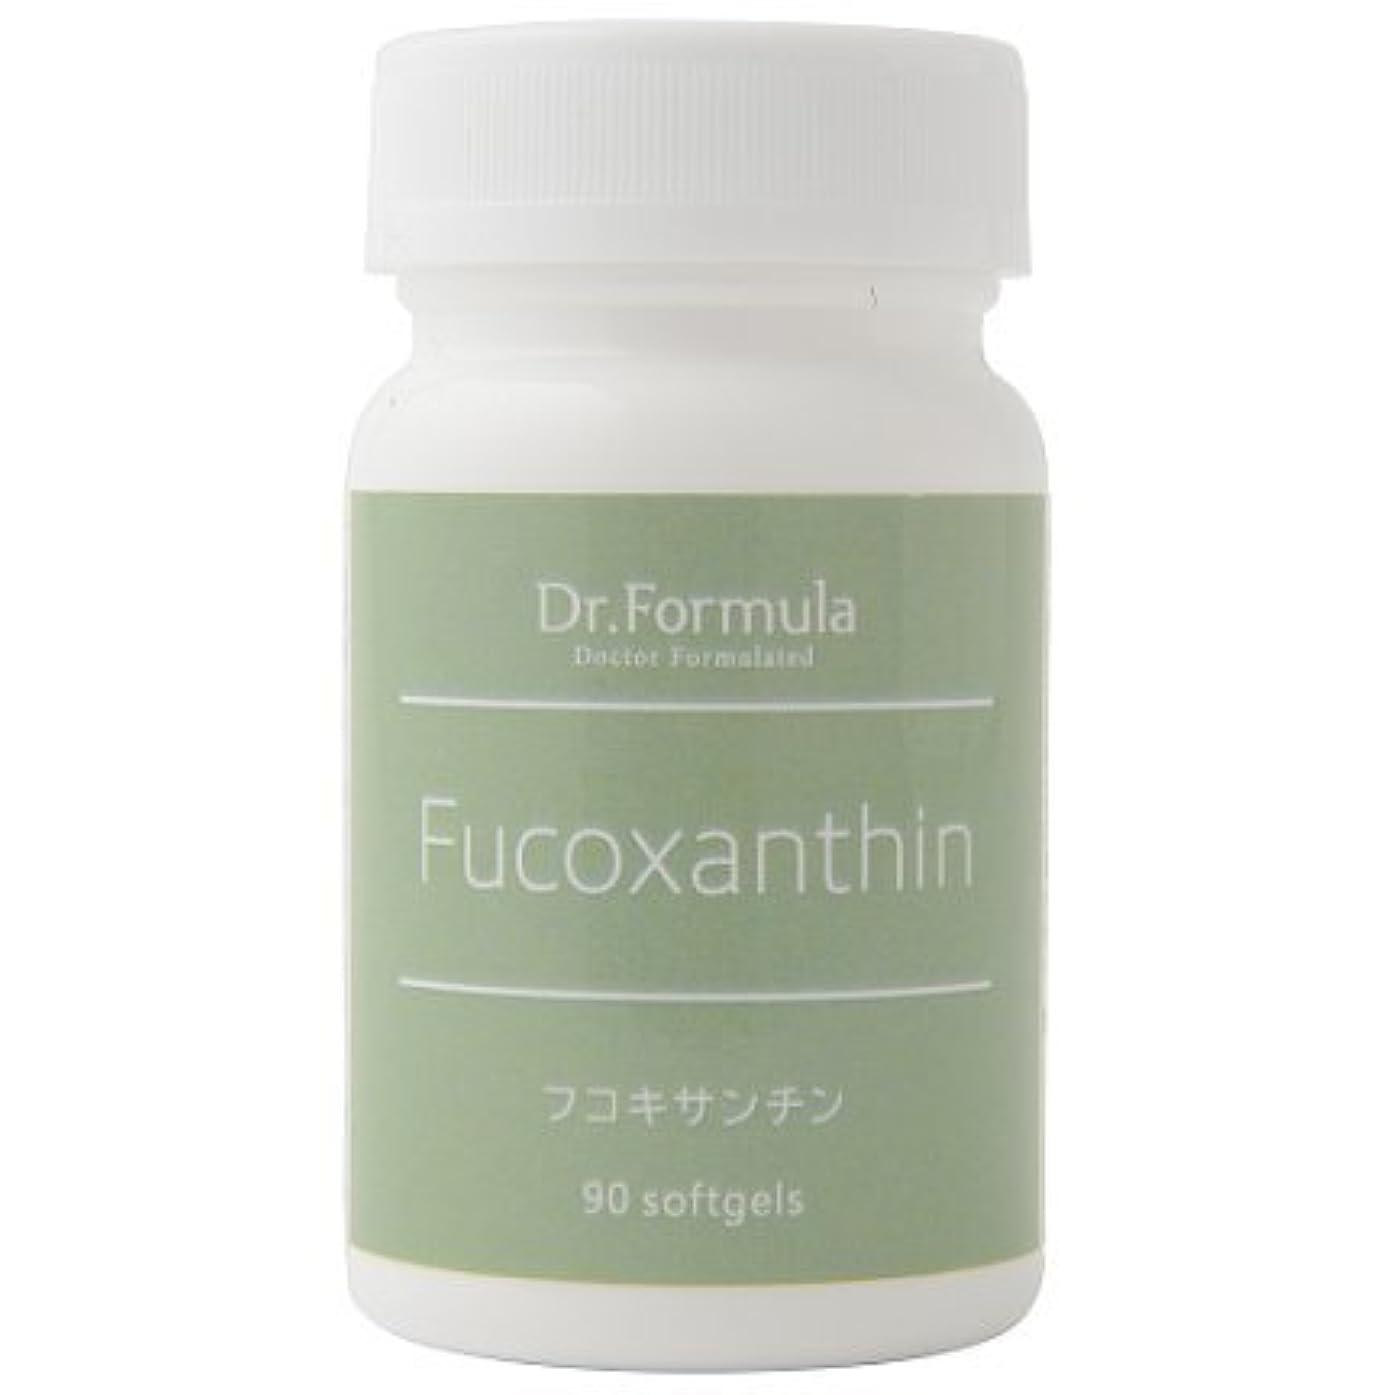 薬傾くできるDr.Formula フコキサンチン(テレビで話題の希少成分) 30日分 90粒 日本製 Fucoxanthin